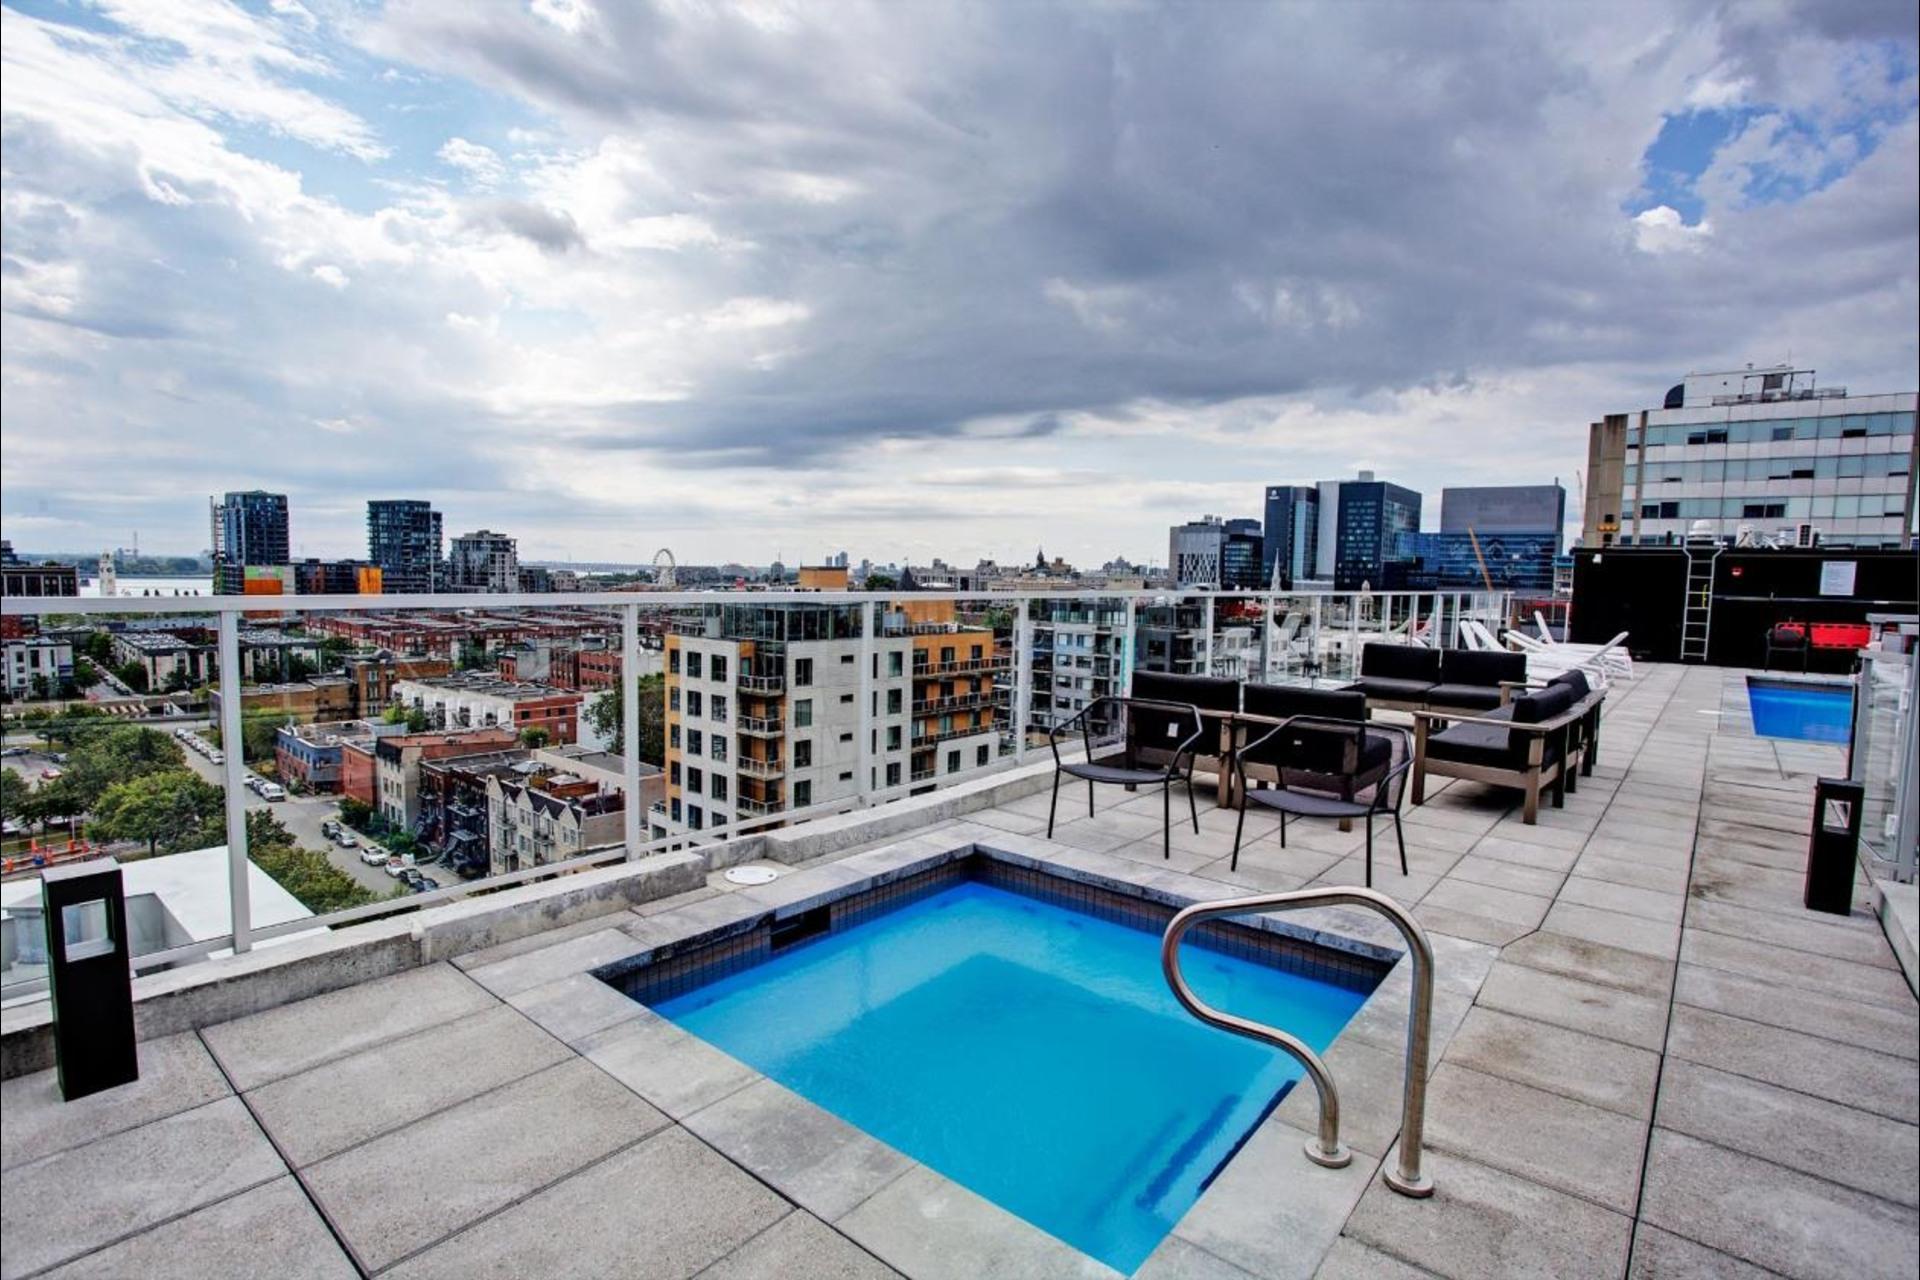 image 29 - Condo For rent Montréal - 4 rooms